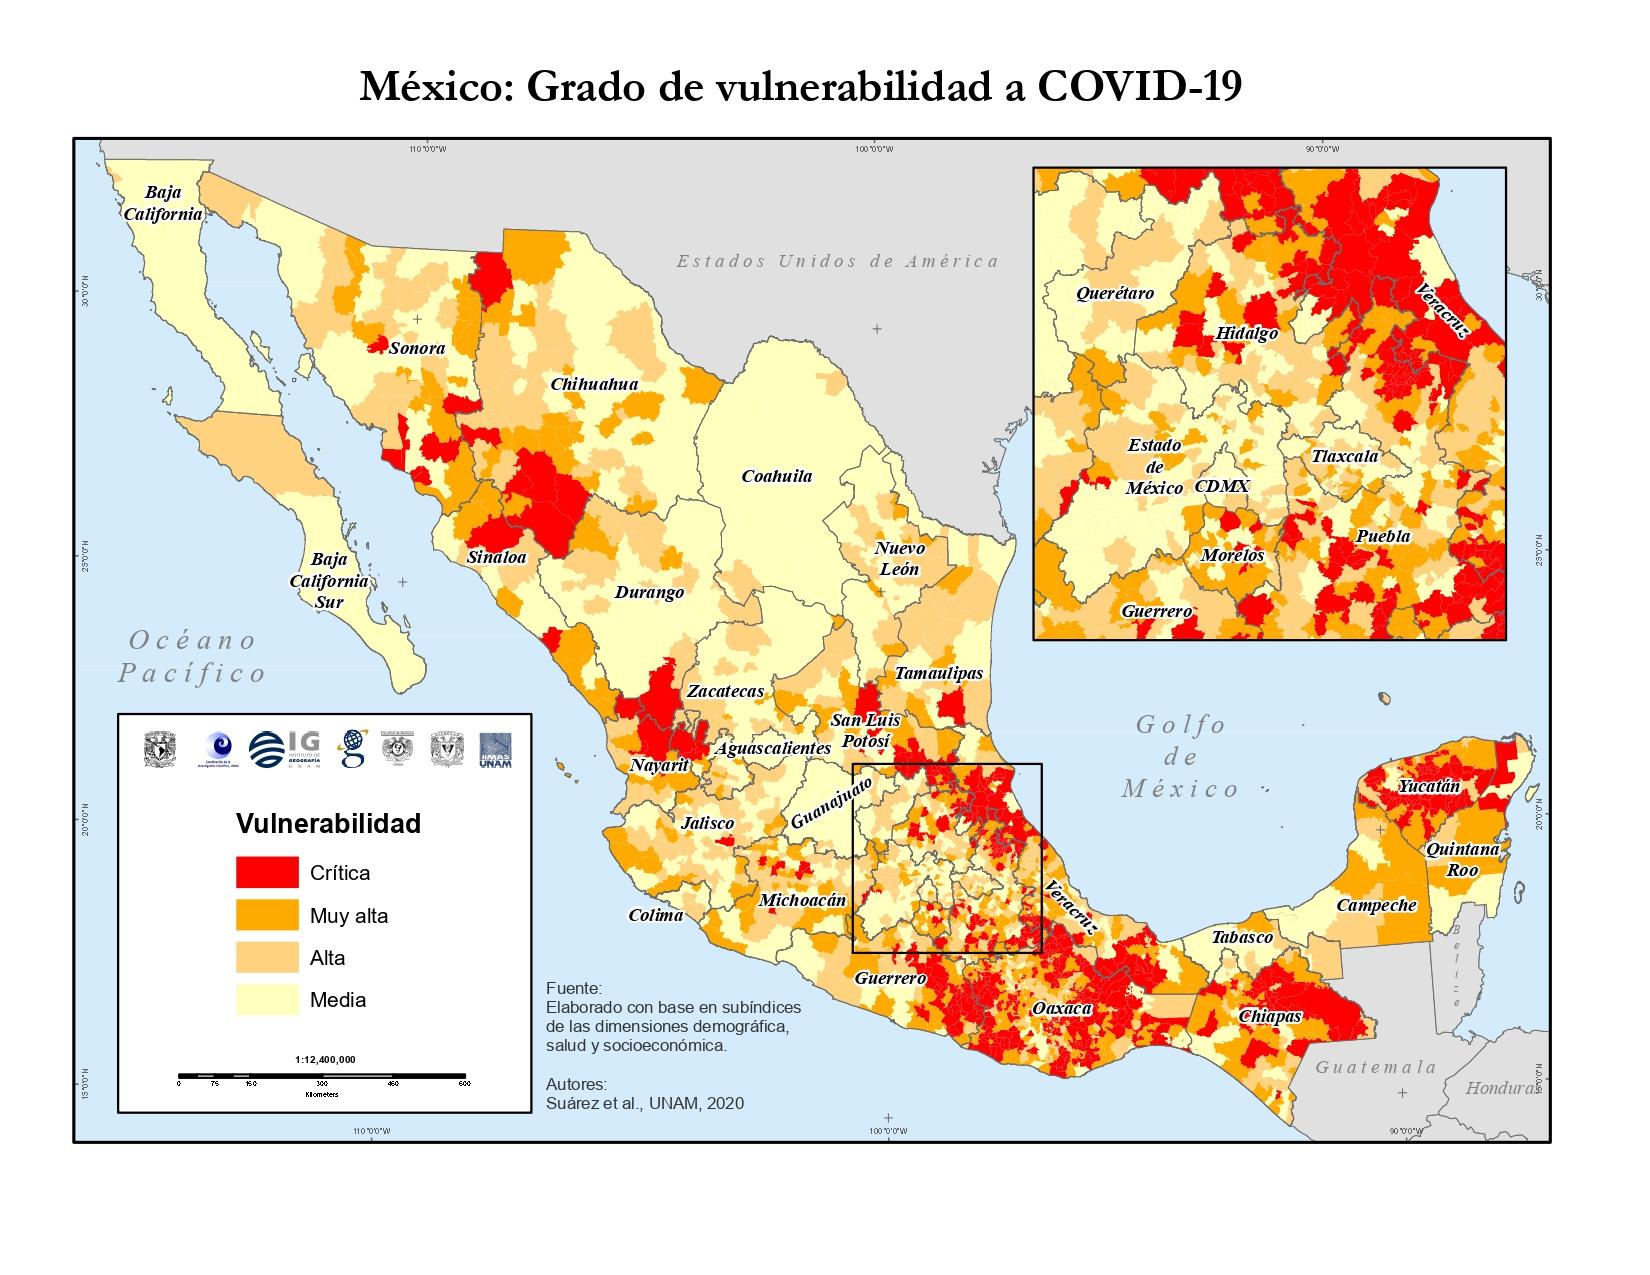 DESARROLLA UNAM MAPA DE VULNERABILIDAD DE COVID-19 EN MÉXICO